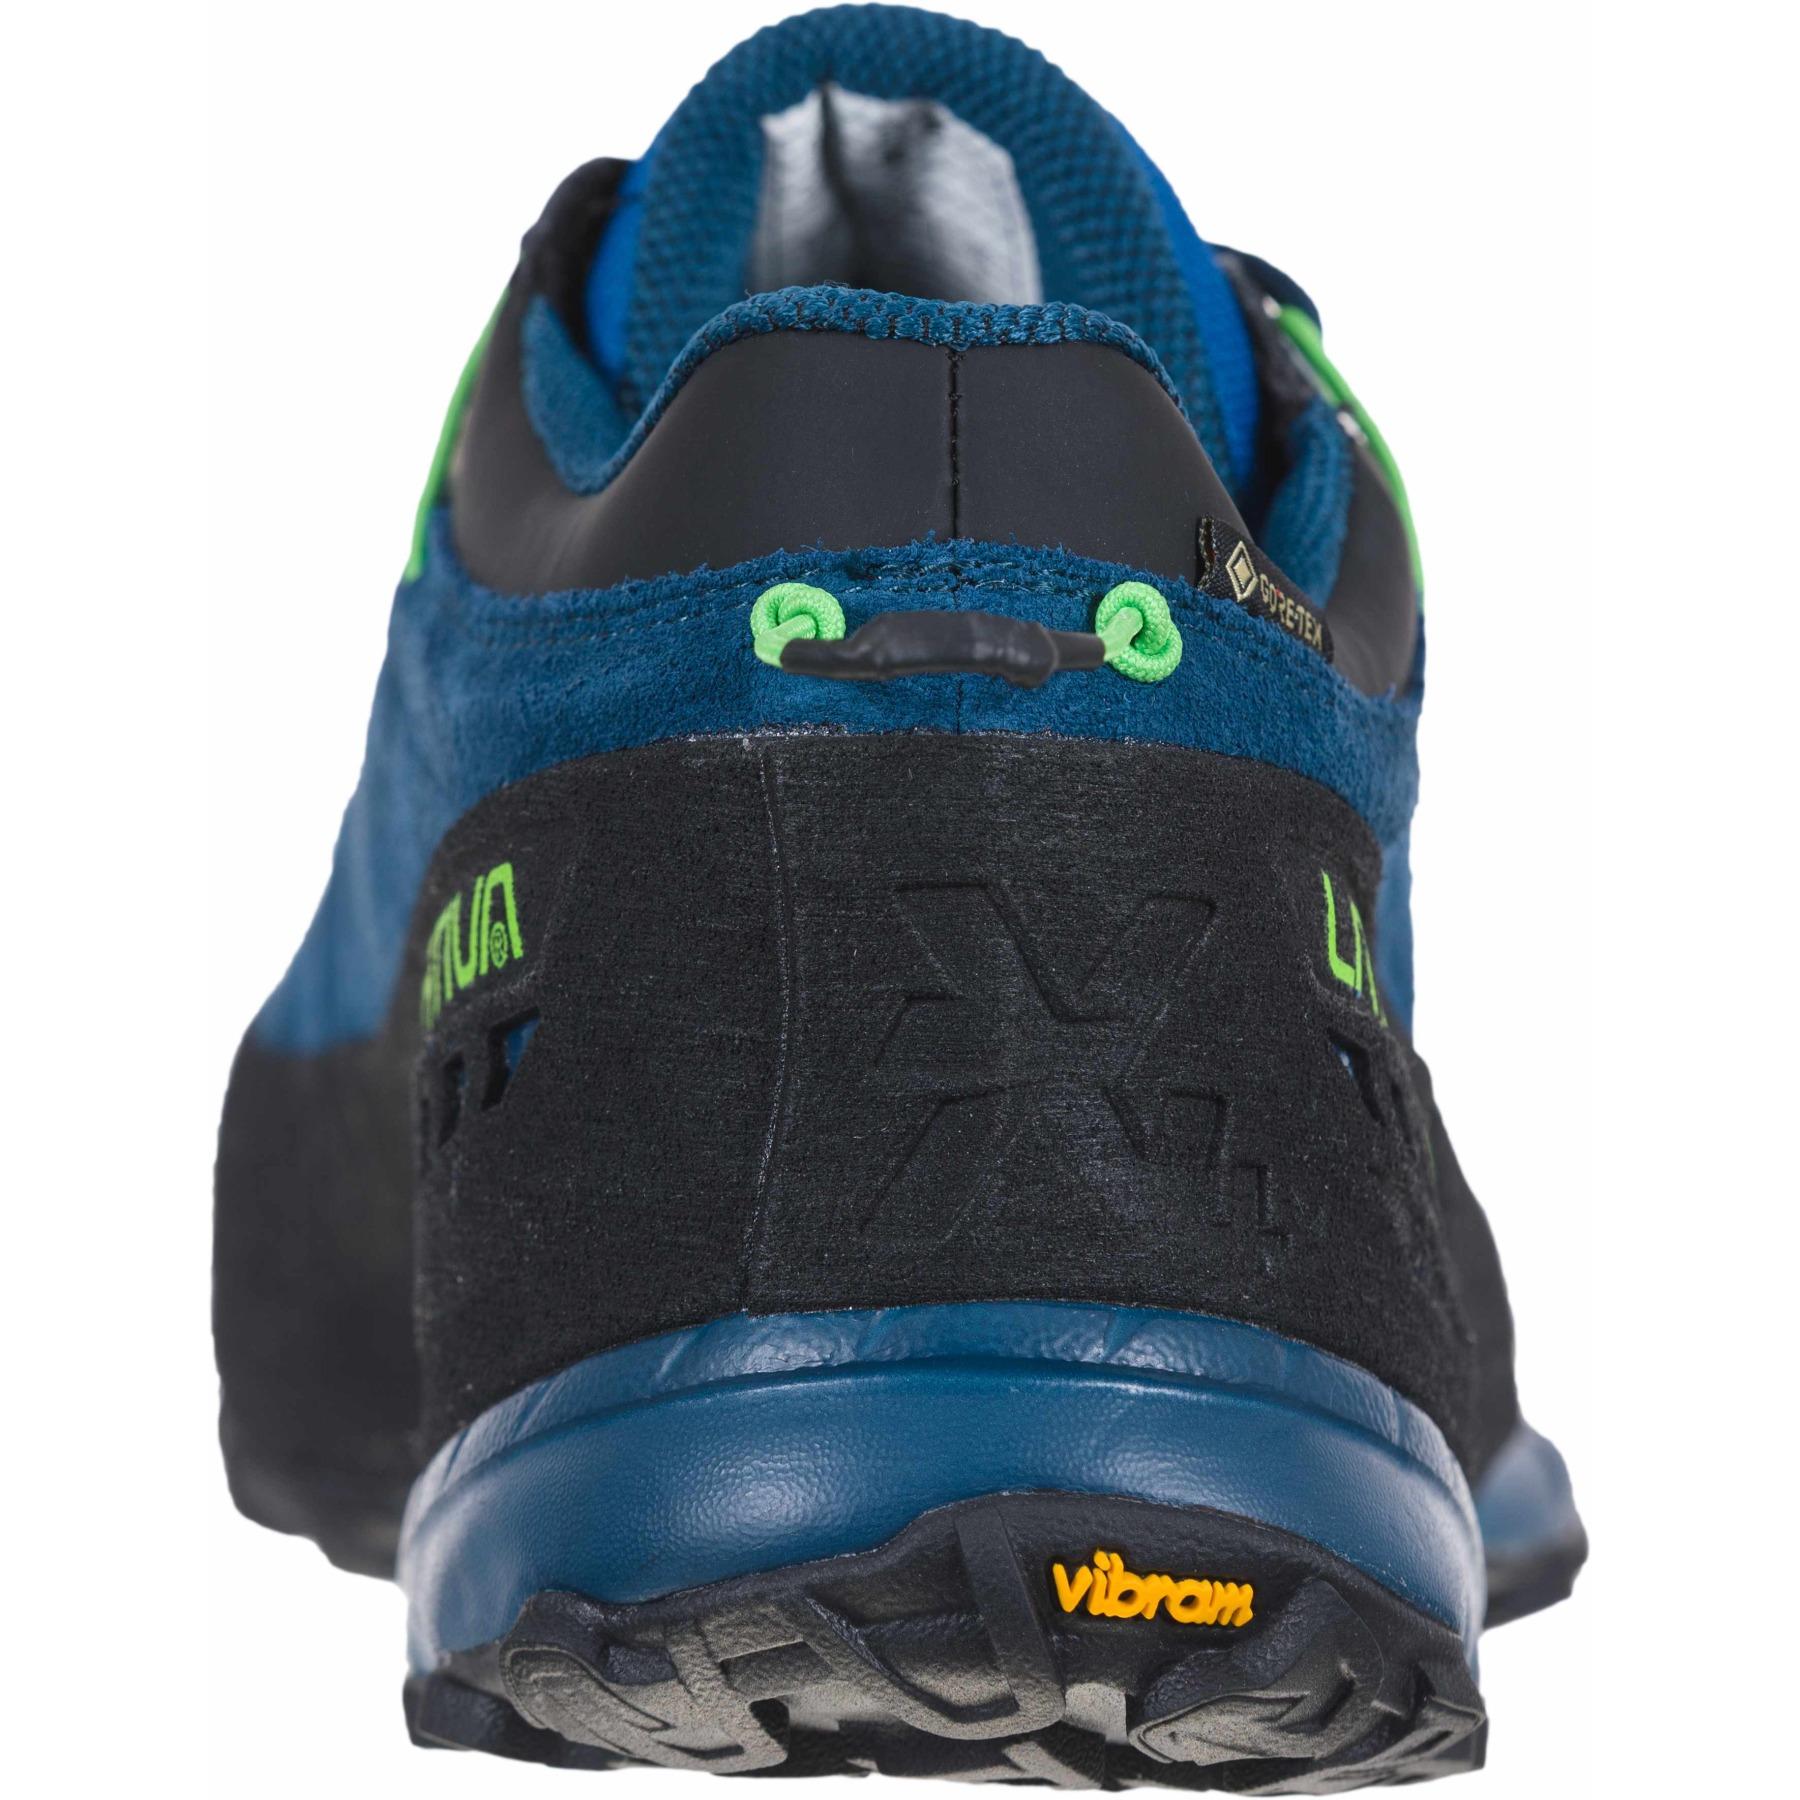 Image of La Sportiva TX4 GTX Approach Shoes - Opal/Jasmine Green